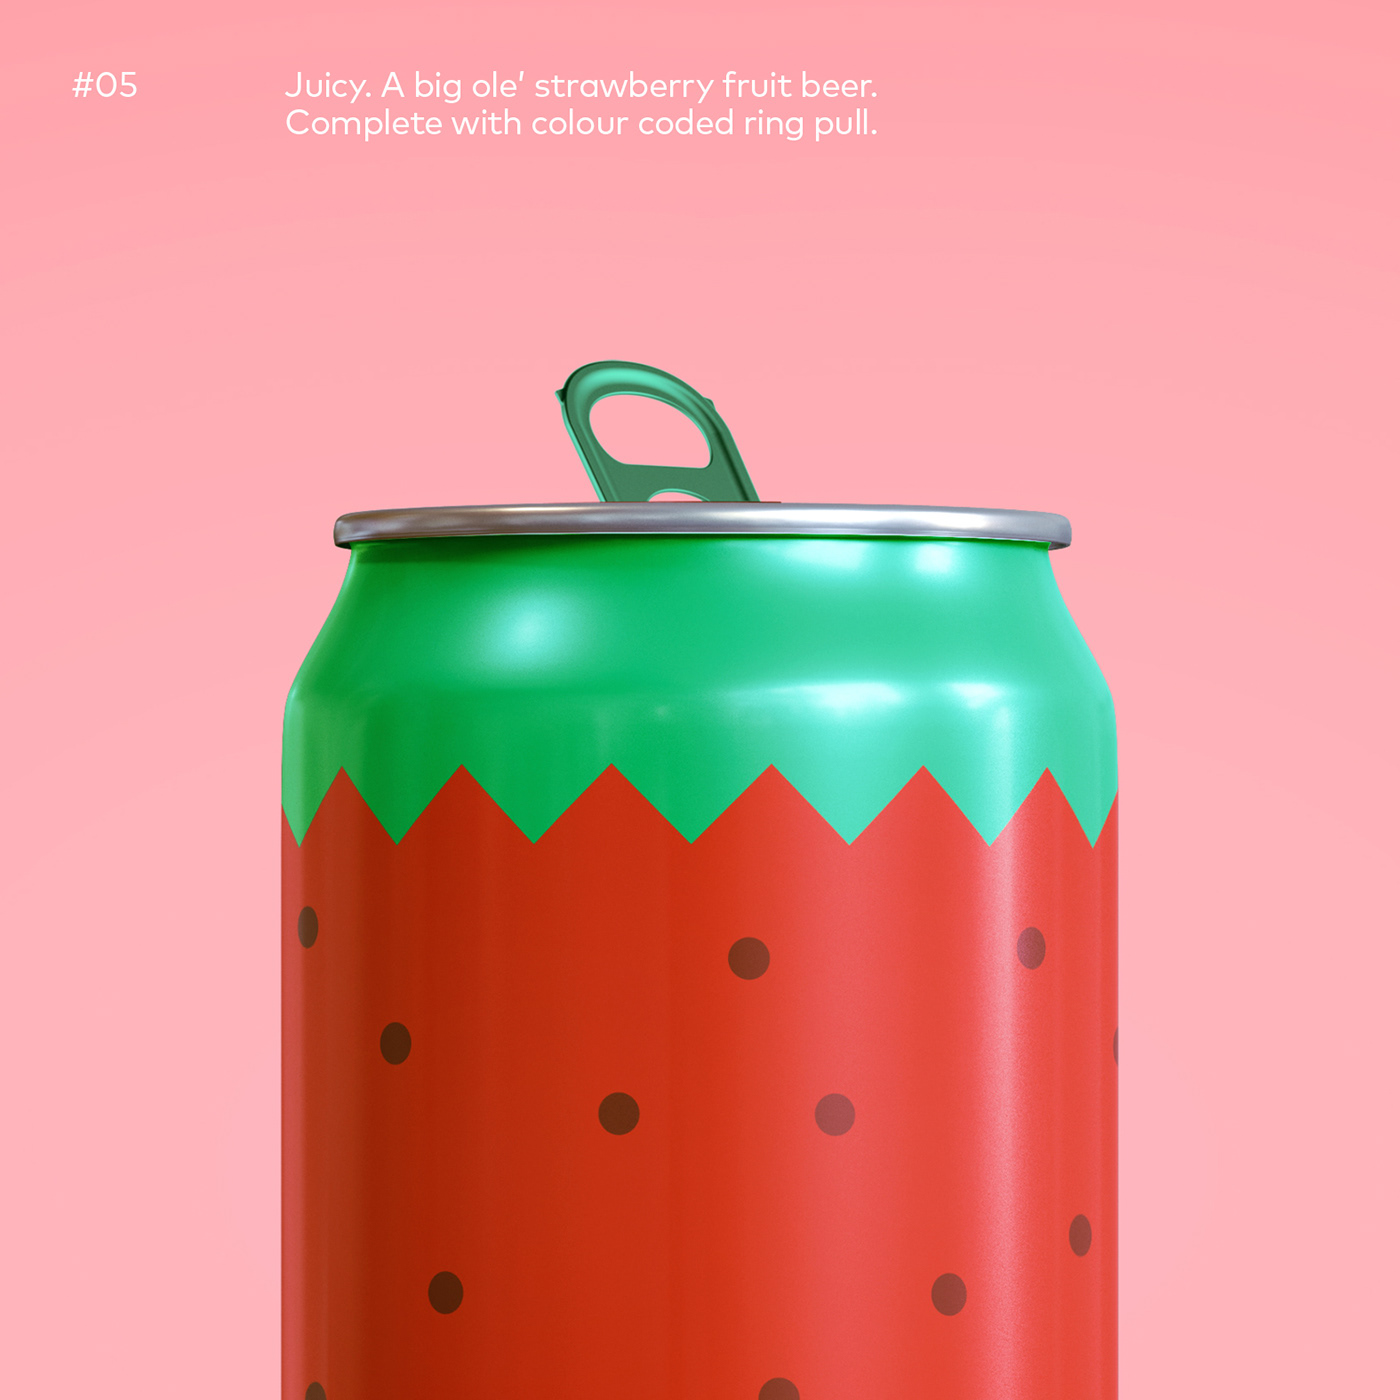 Juicy-can-01.jpg